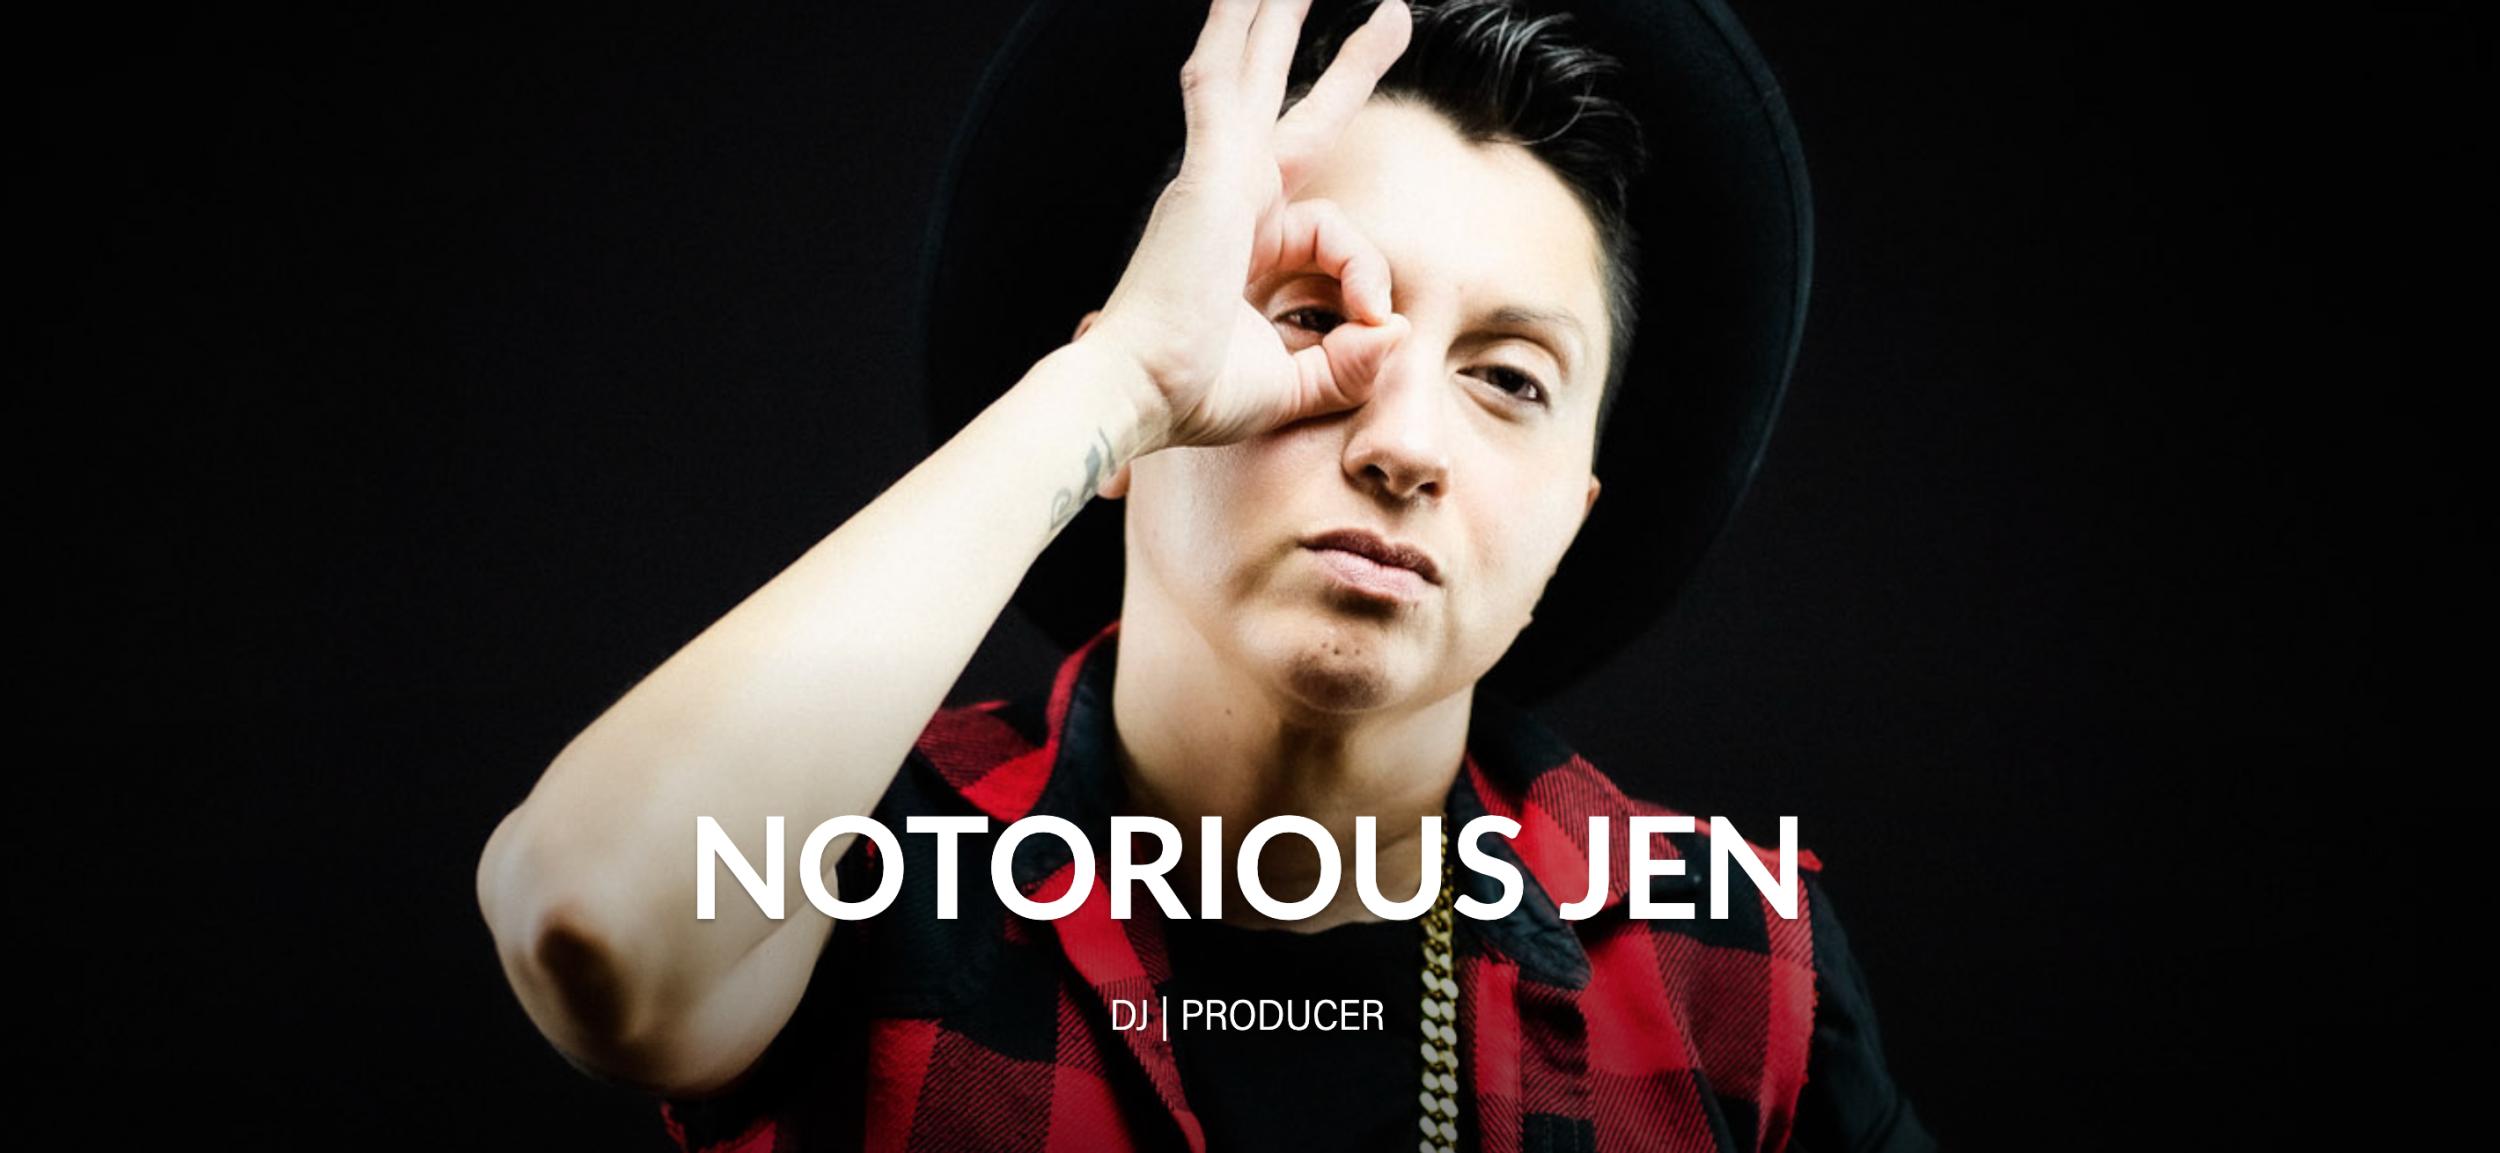 Notorious Jen